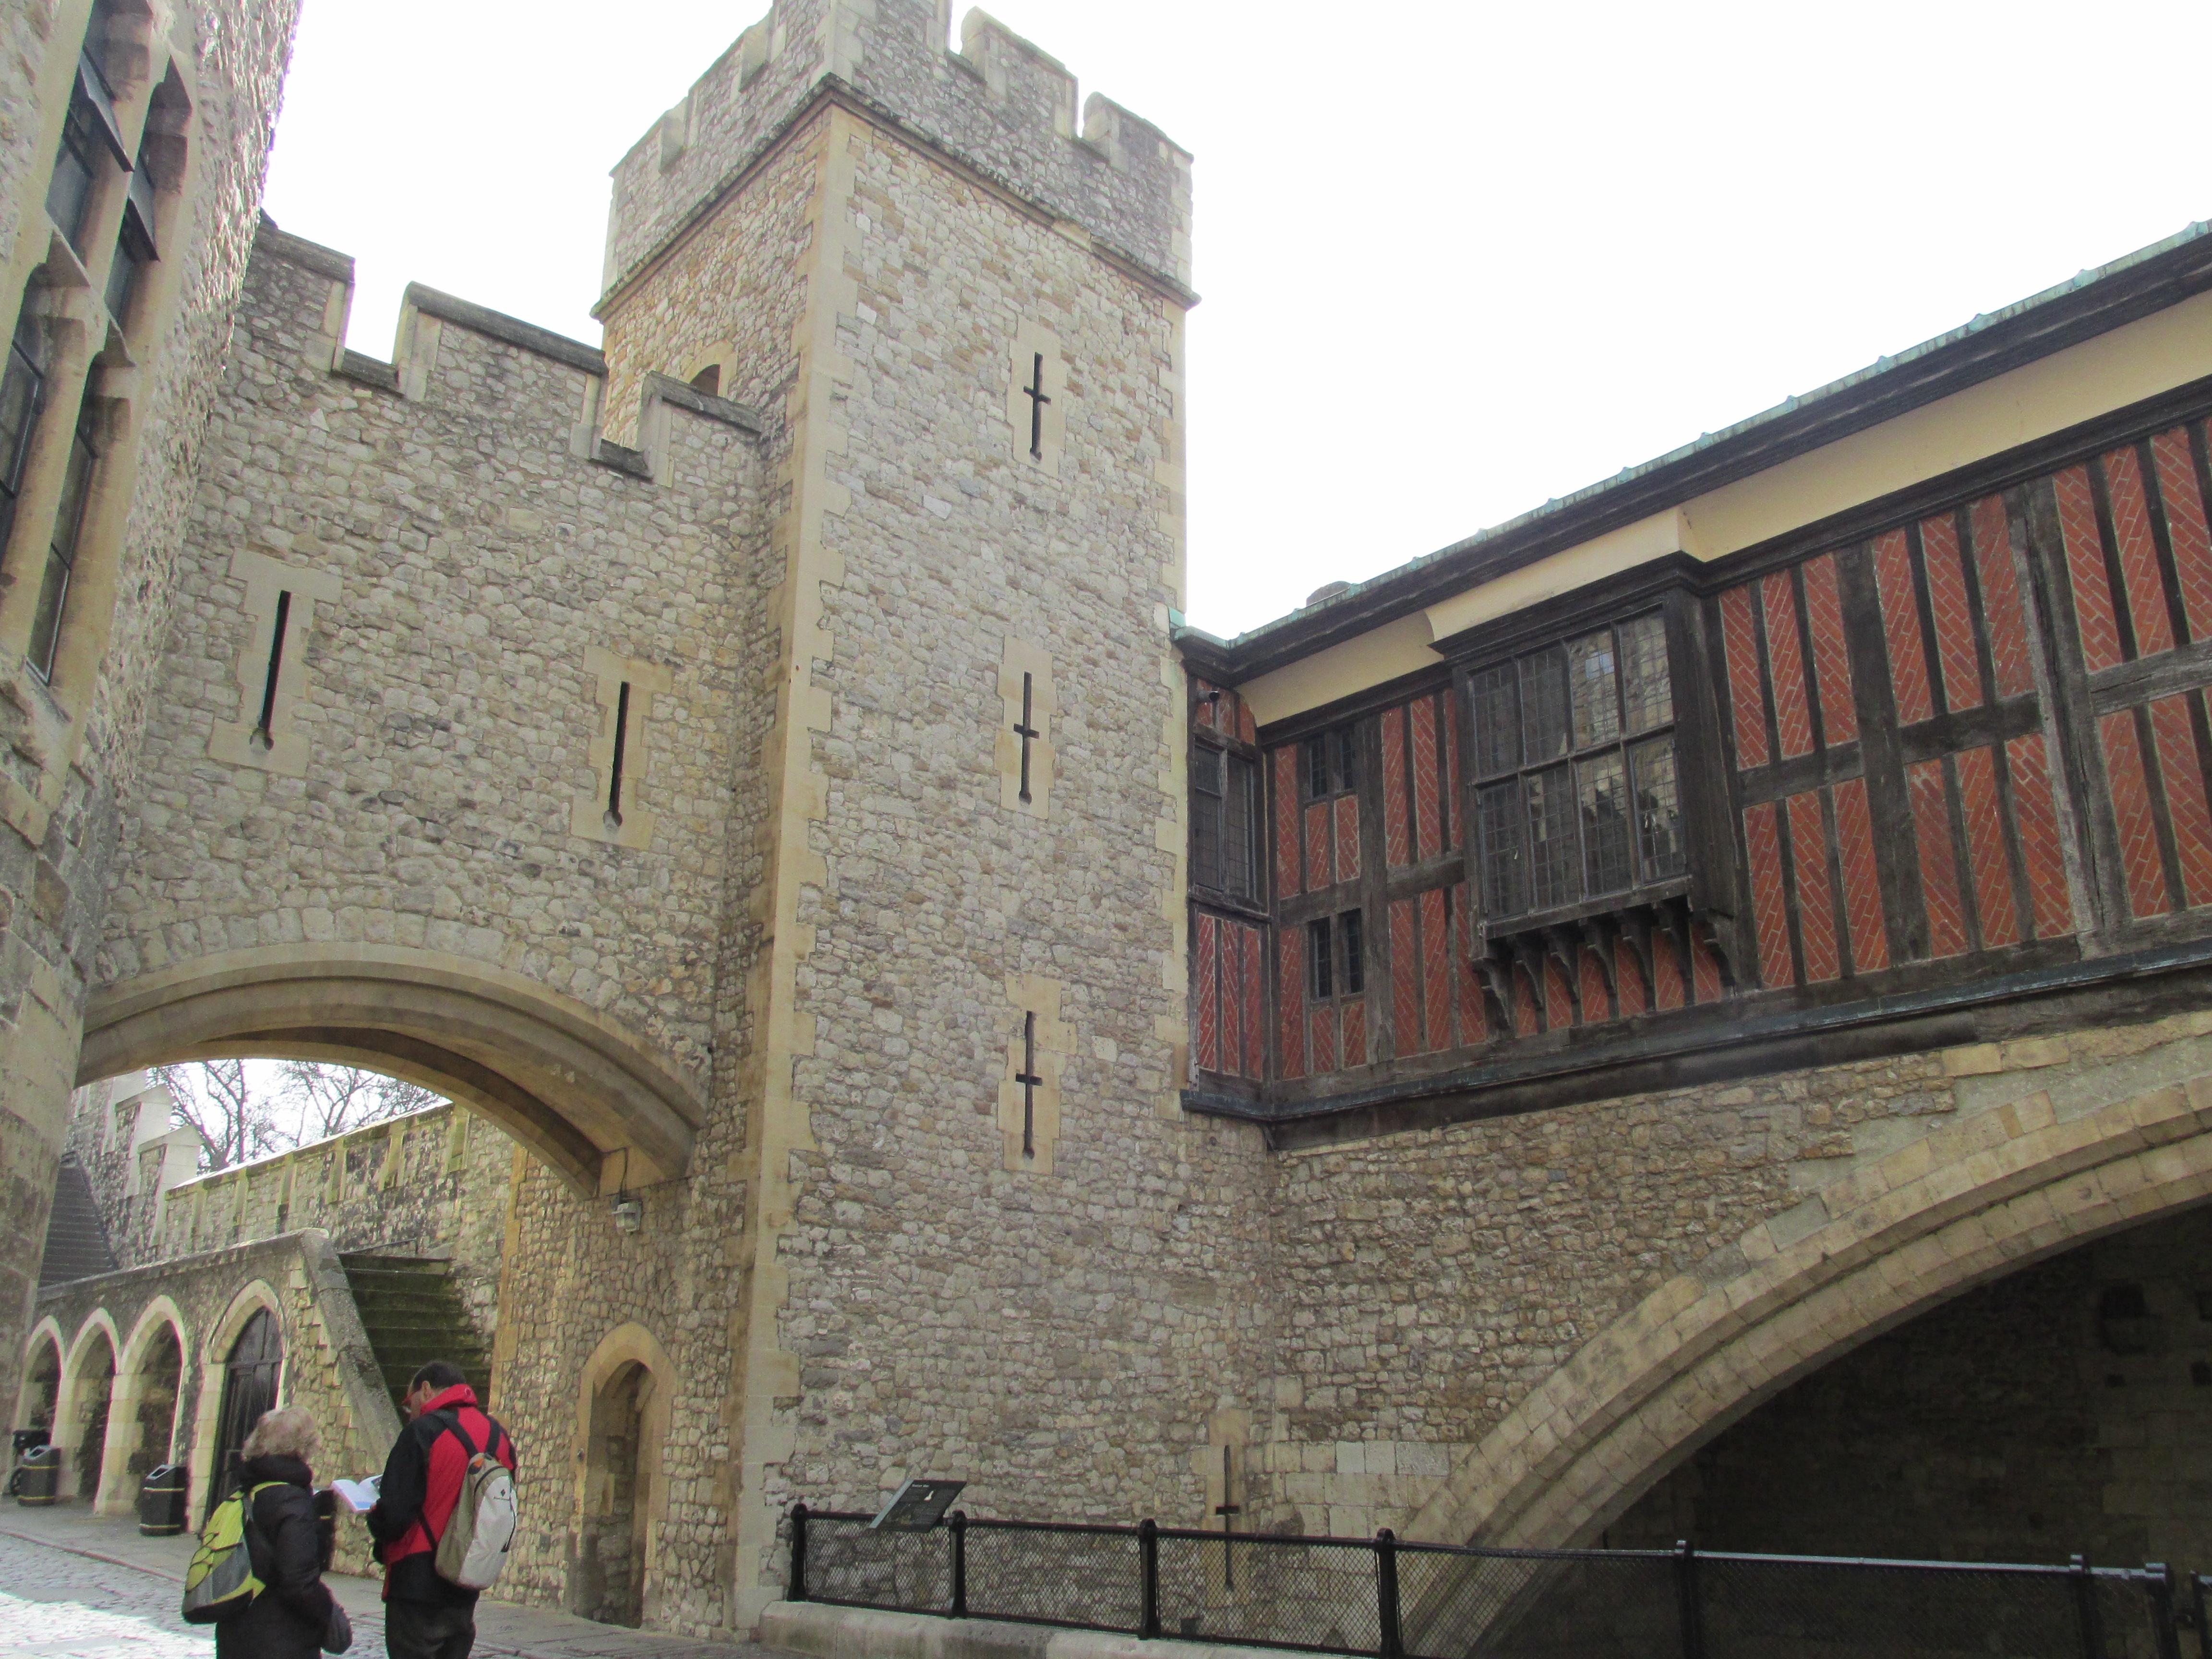 IMG 1754 - Visitando la Torre de Londres